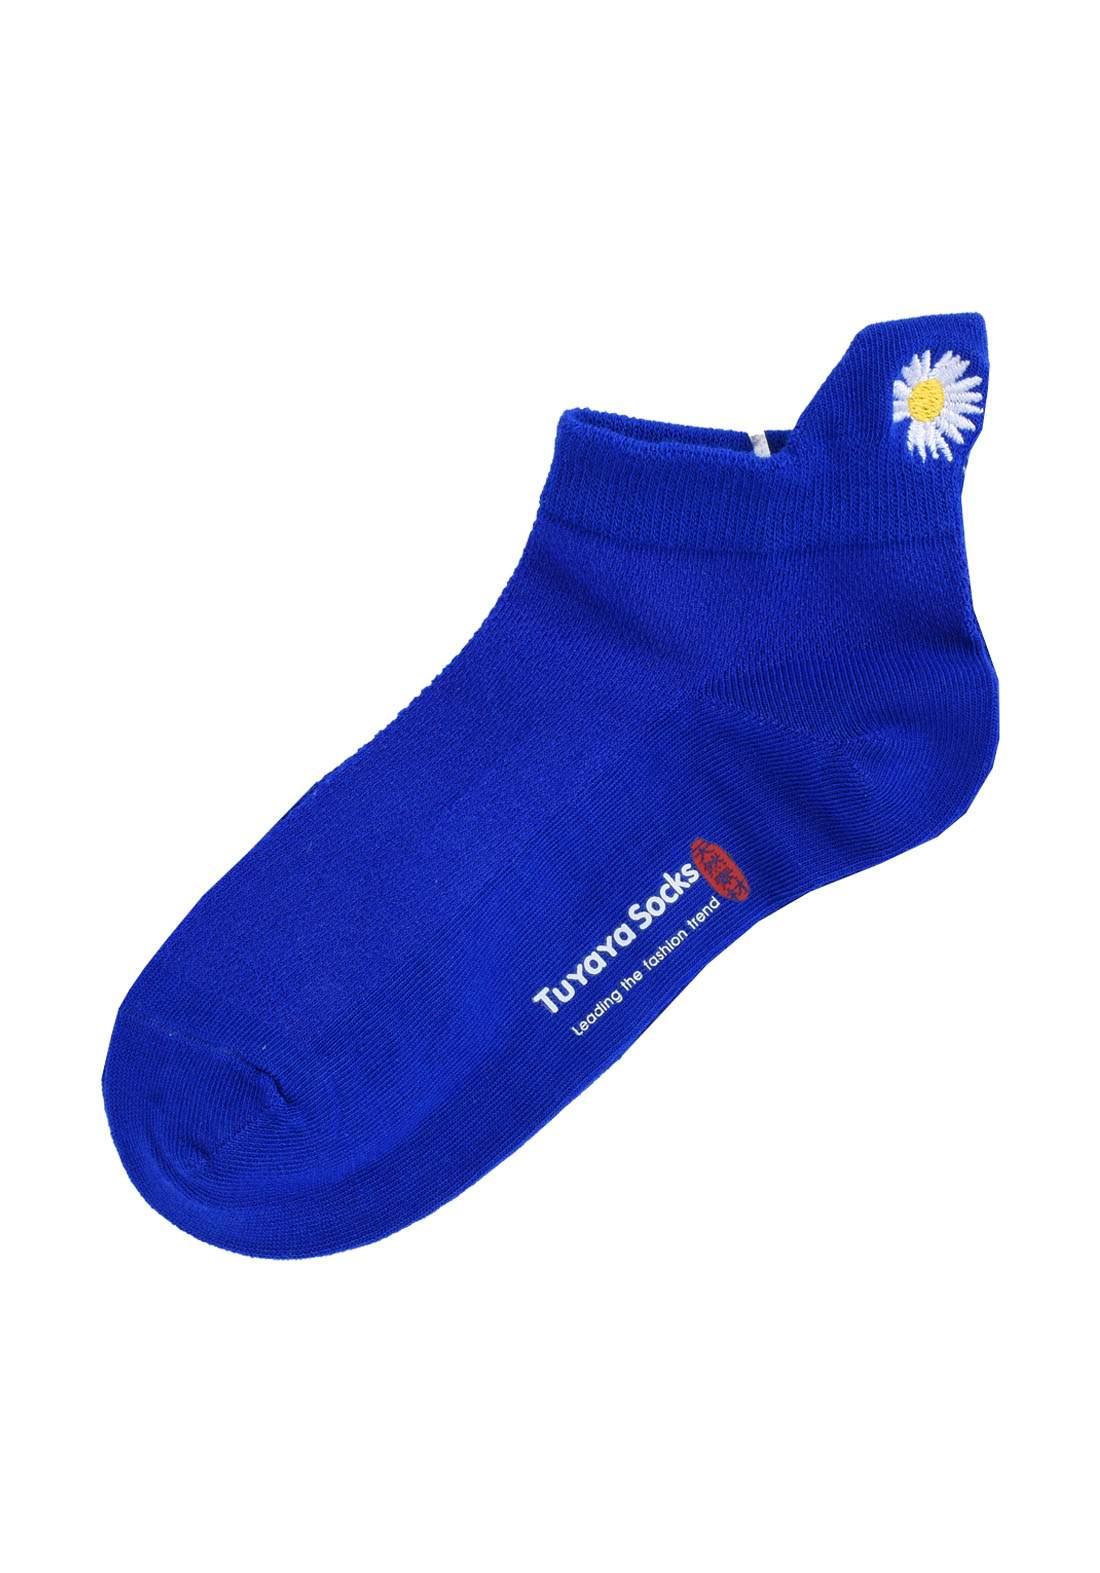 Tuyaya جوراب اطفال ازرق اللون من